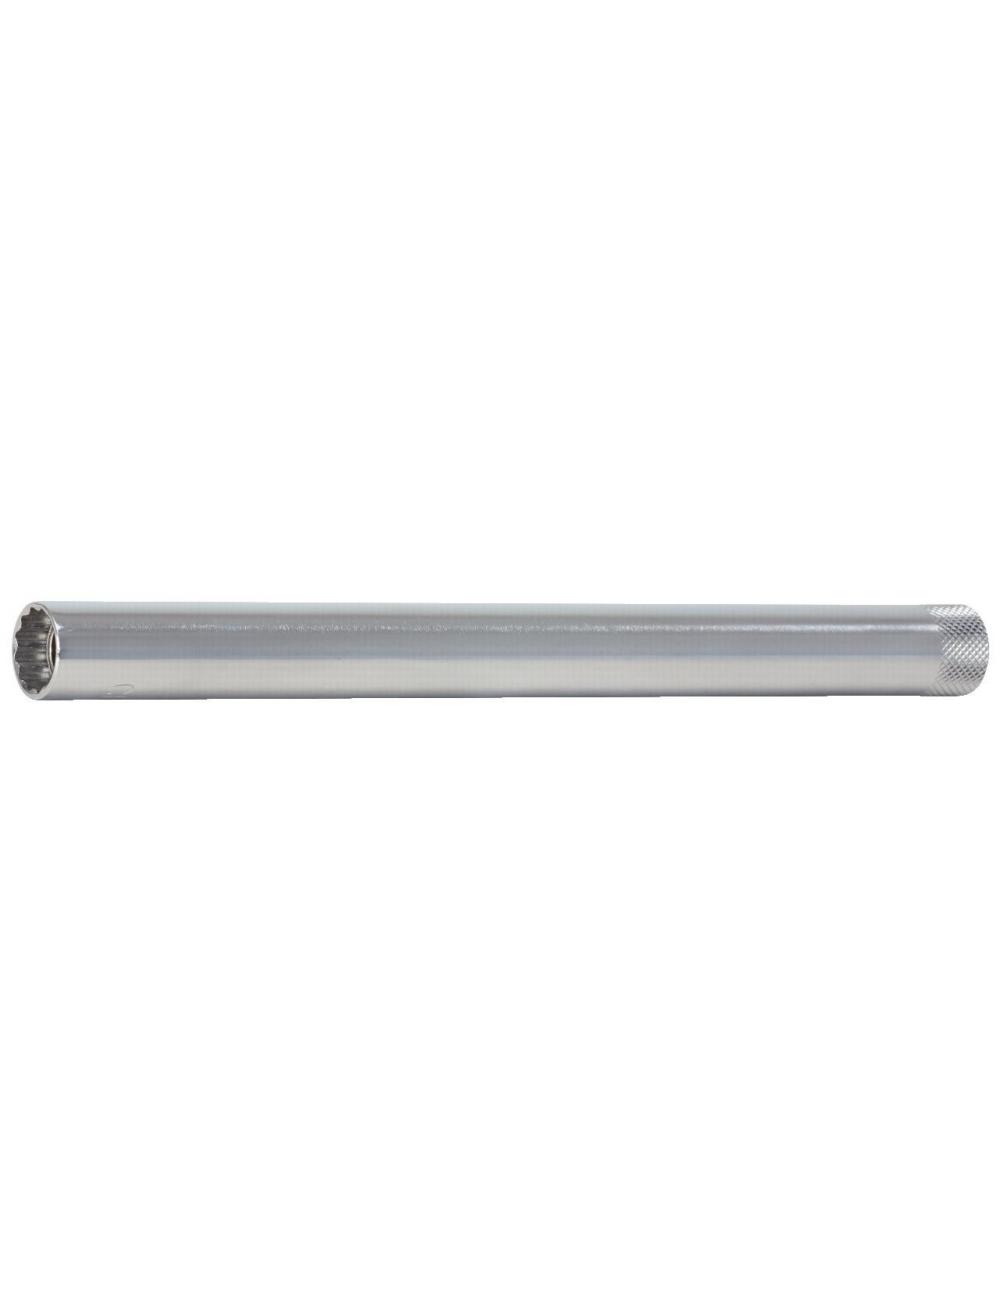 Douille à bougies extra-longue 3/8'', 21 mm